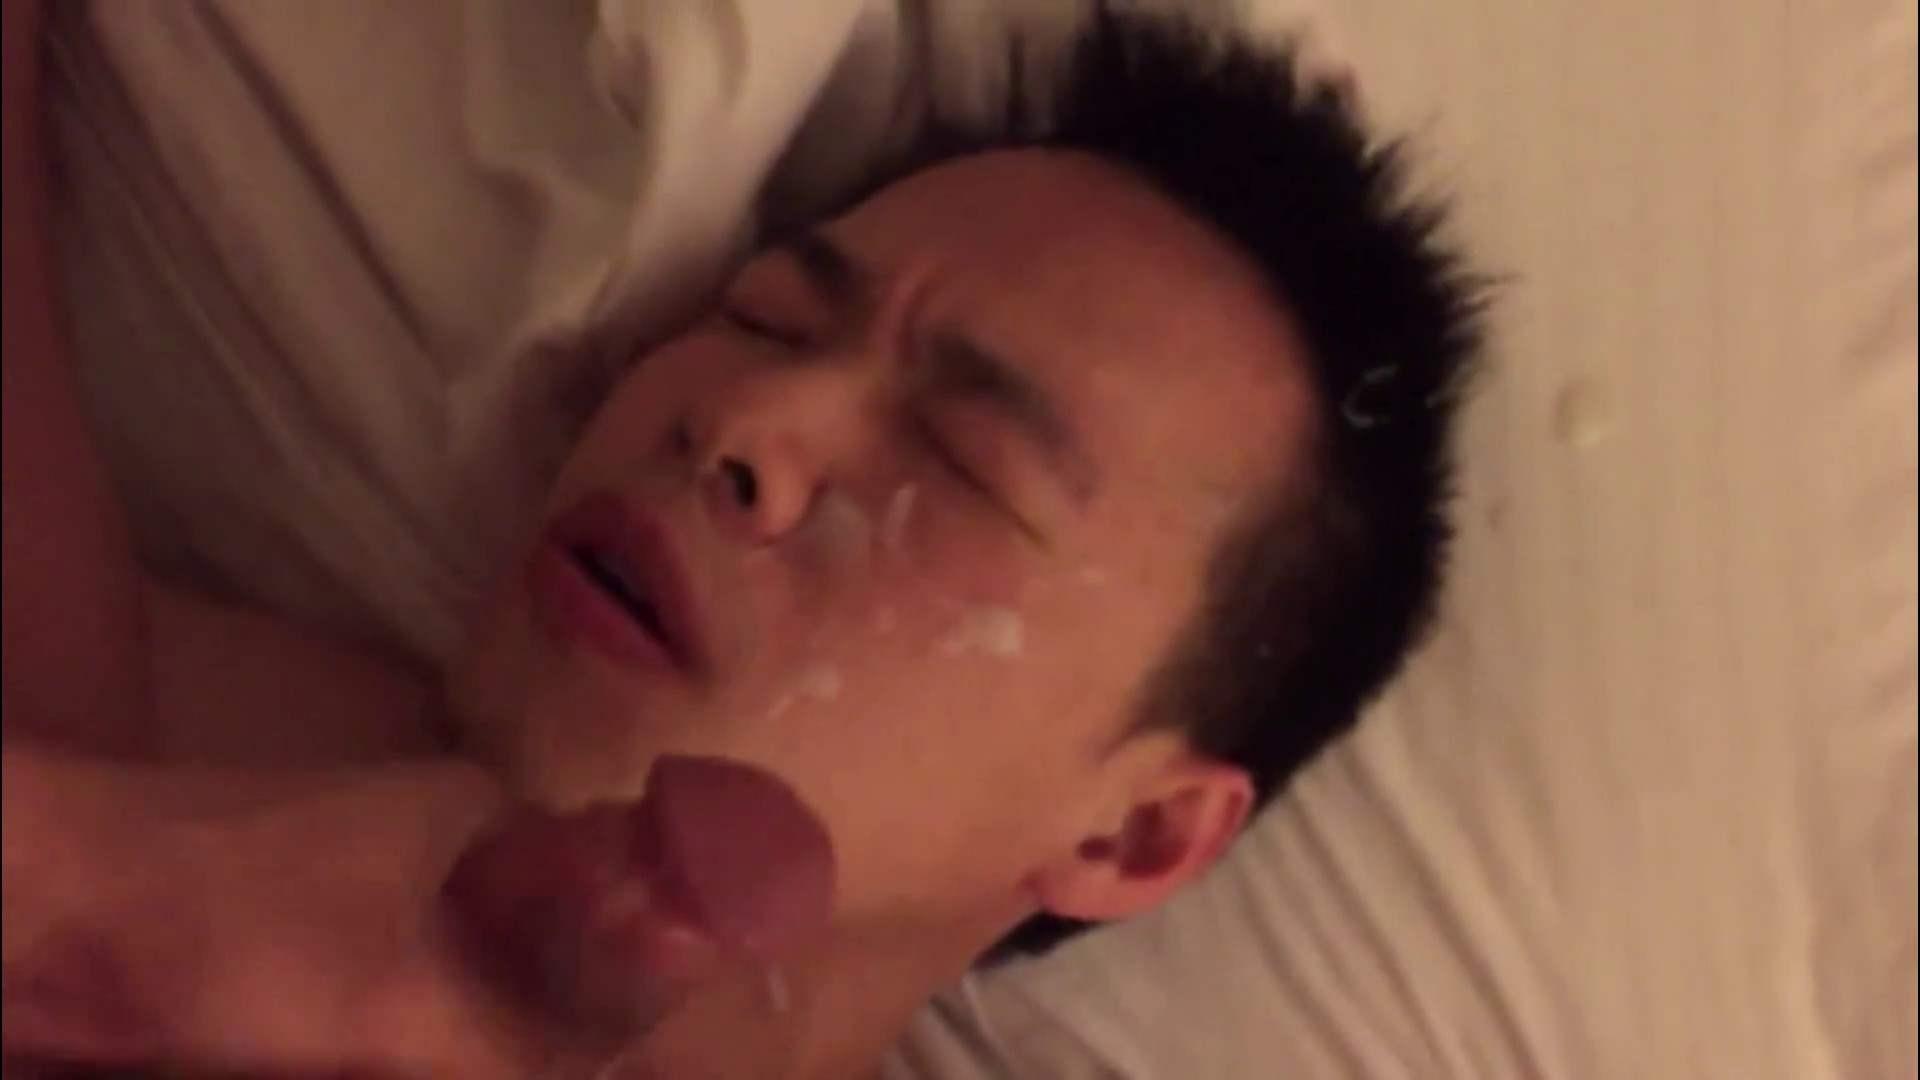 エロいフェラシーンをピックアップvol43 男どうし ゲイ無料無修正画像 108pic 50